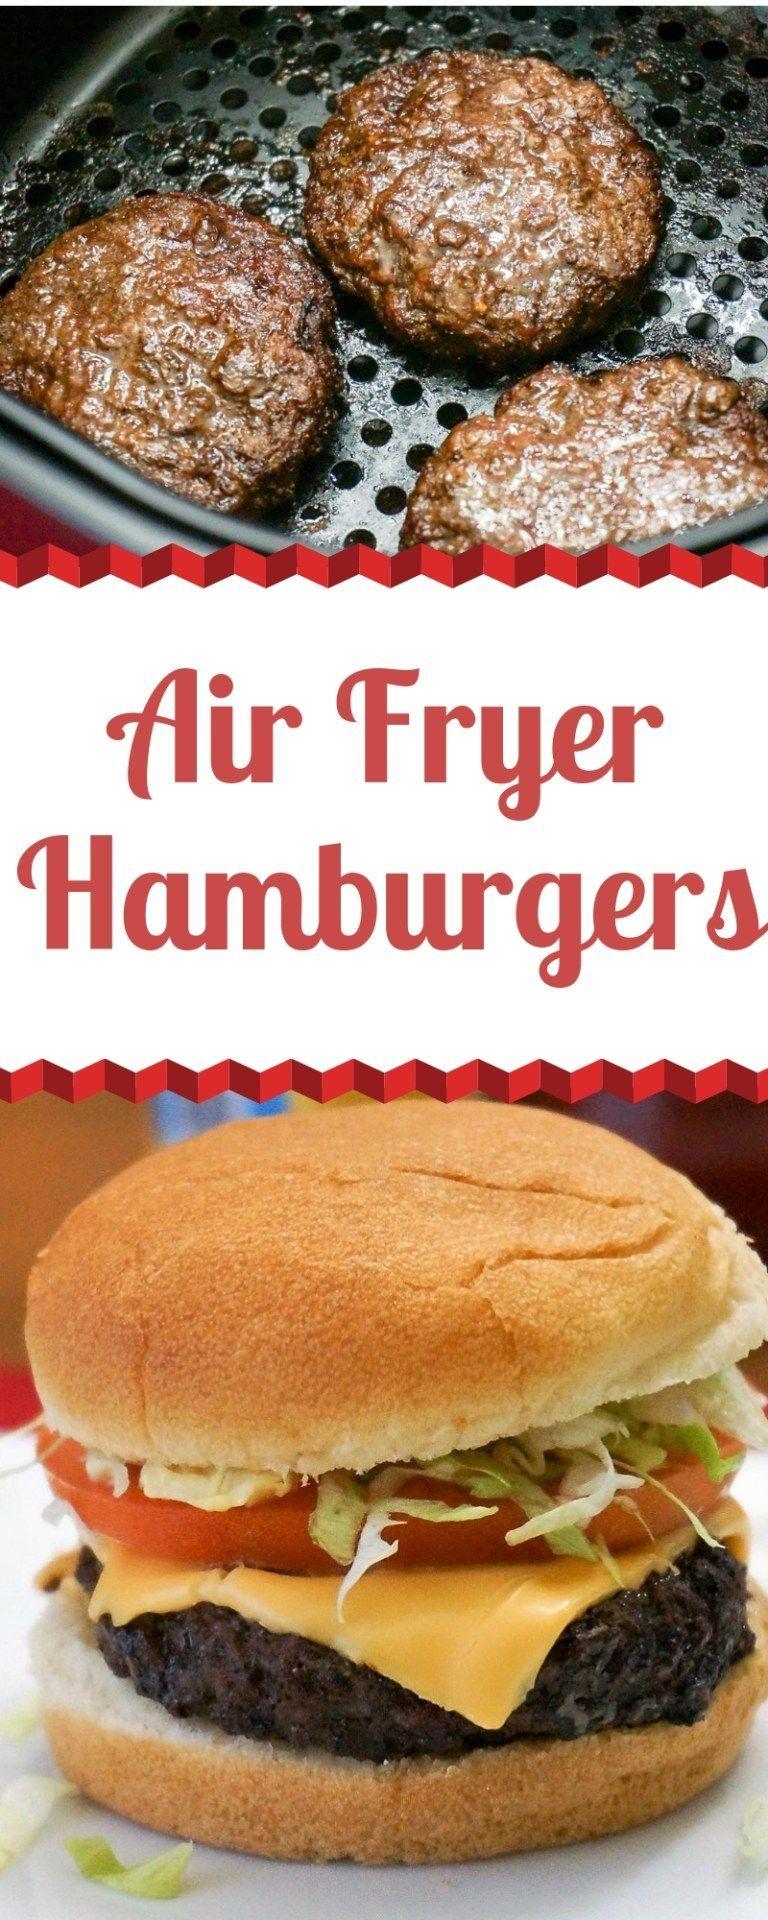 air fryer recipes Air Fryer Hamburgers Air fryer dinner